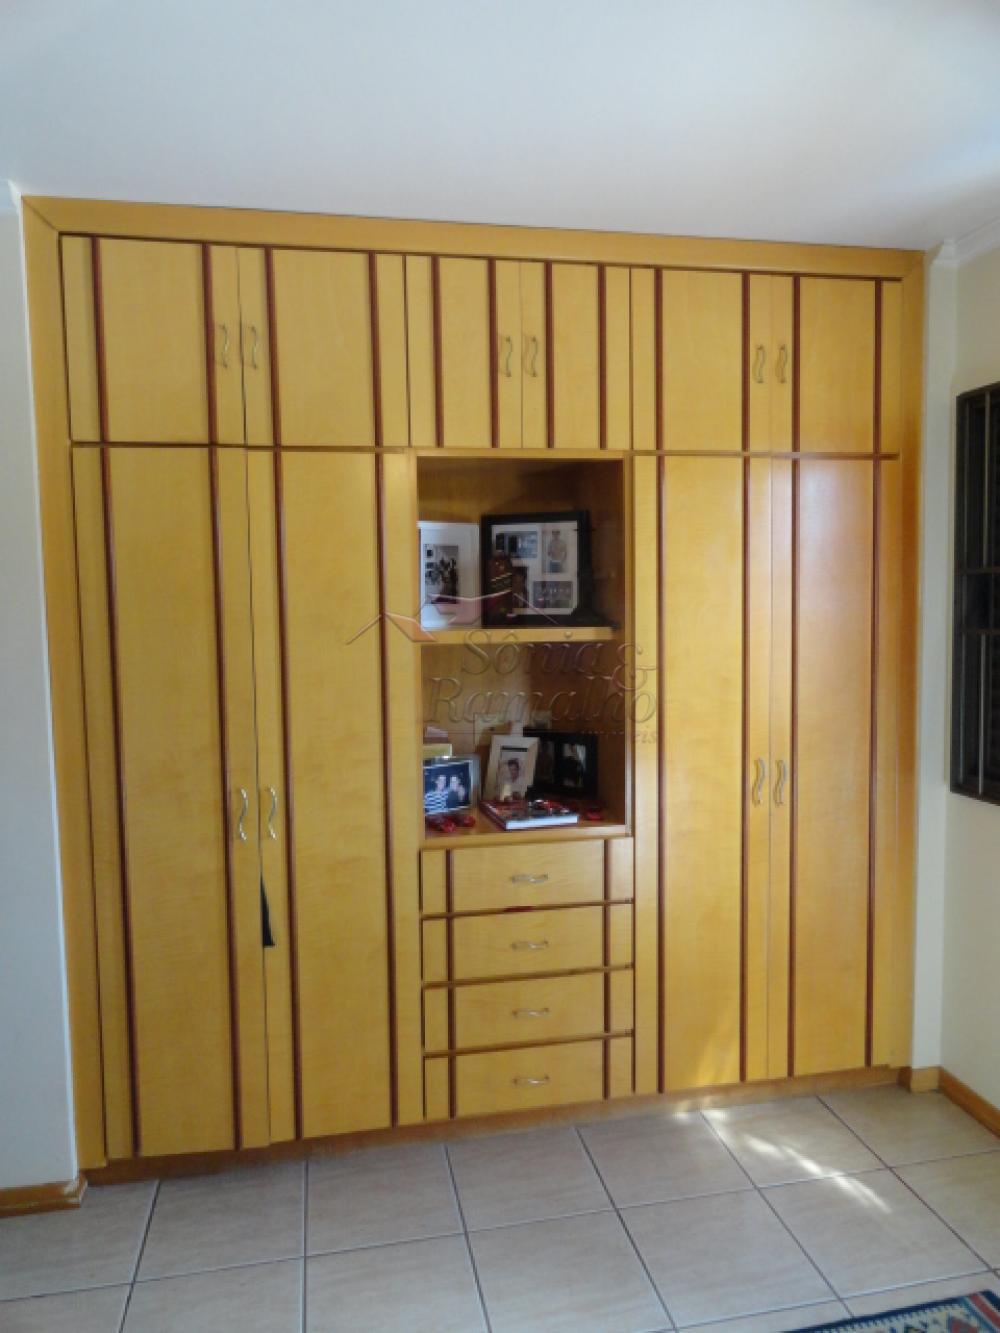 Alugar Apartamentos / Padrão em Ribeirão Preto apenas R$ 2.100,00 - Foto 30